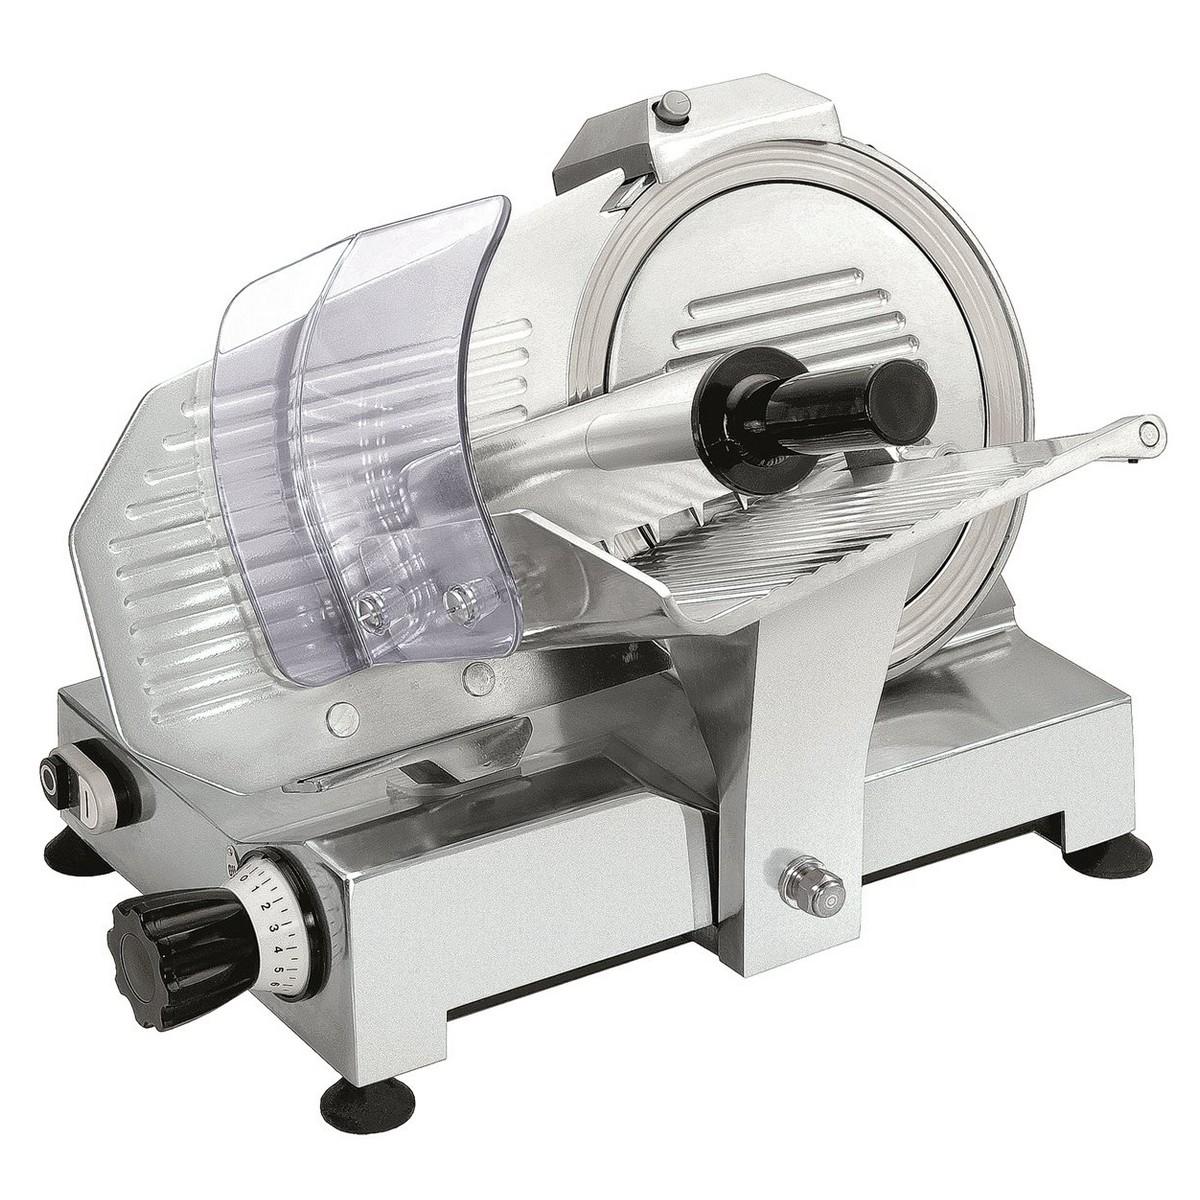 Affettatrice Modello GPR250 - Acciaio con Lama Teflon Ø 250 mm